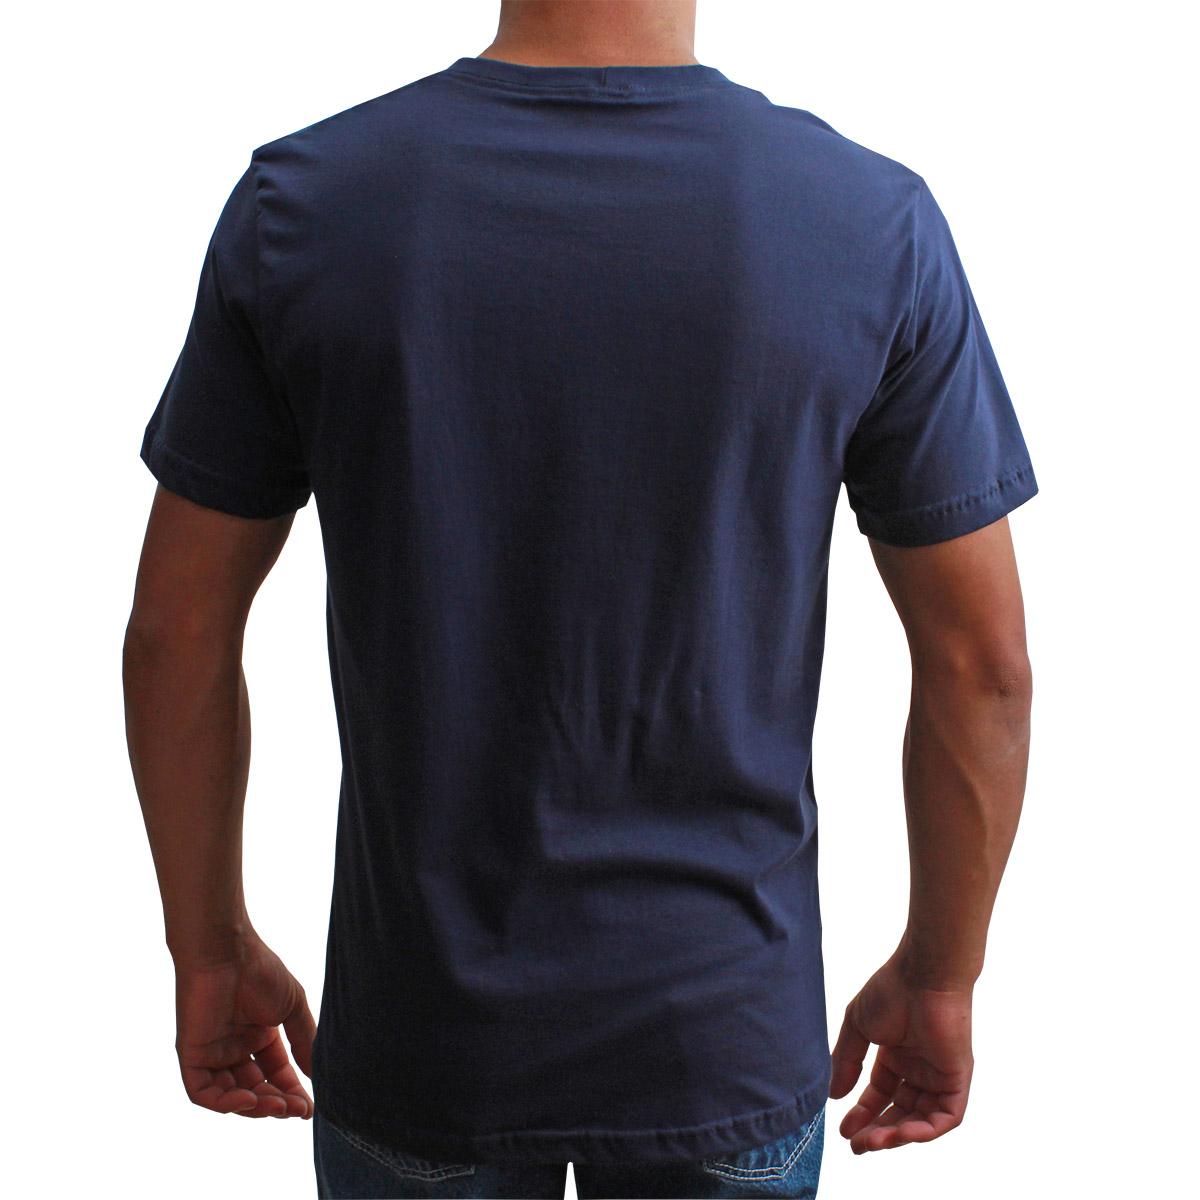 Camiseta Indian Farm Masculina Azul Marinho Trade Mark